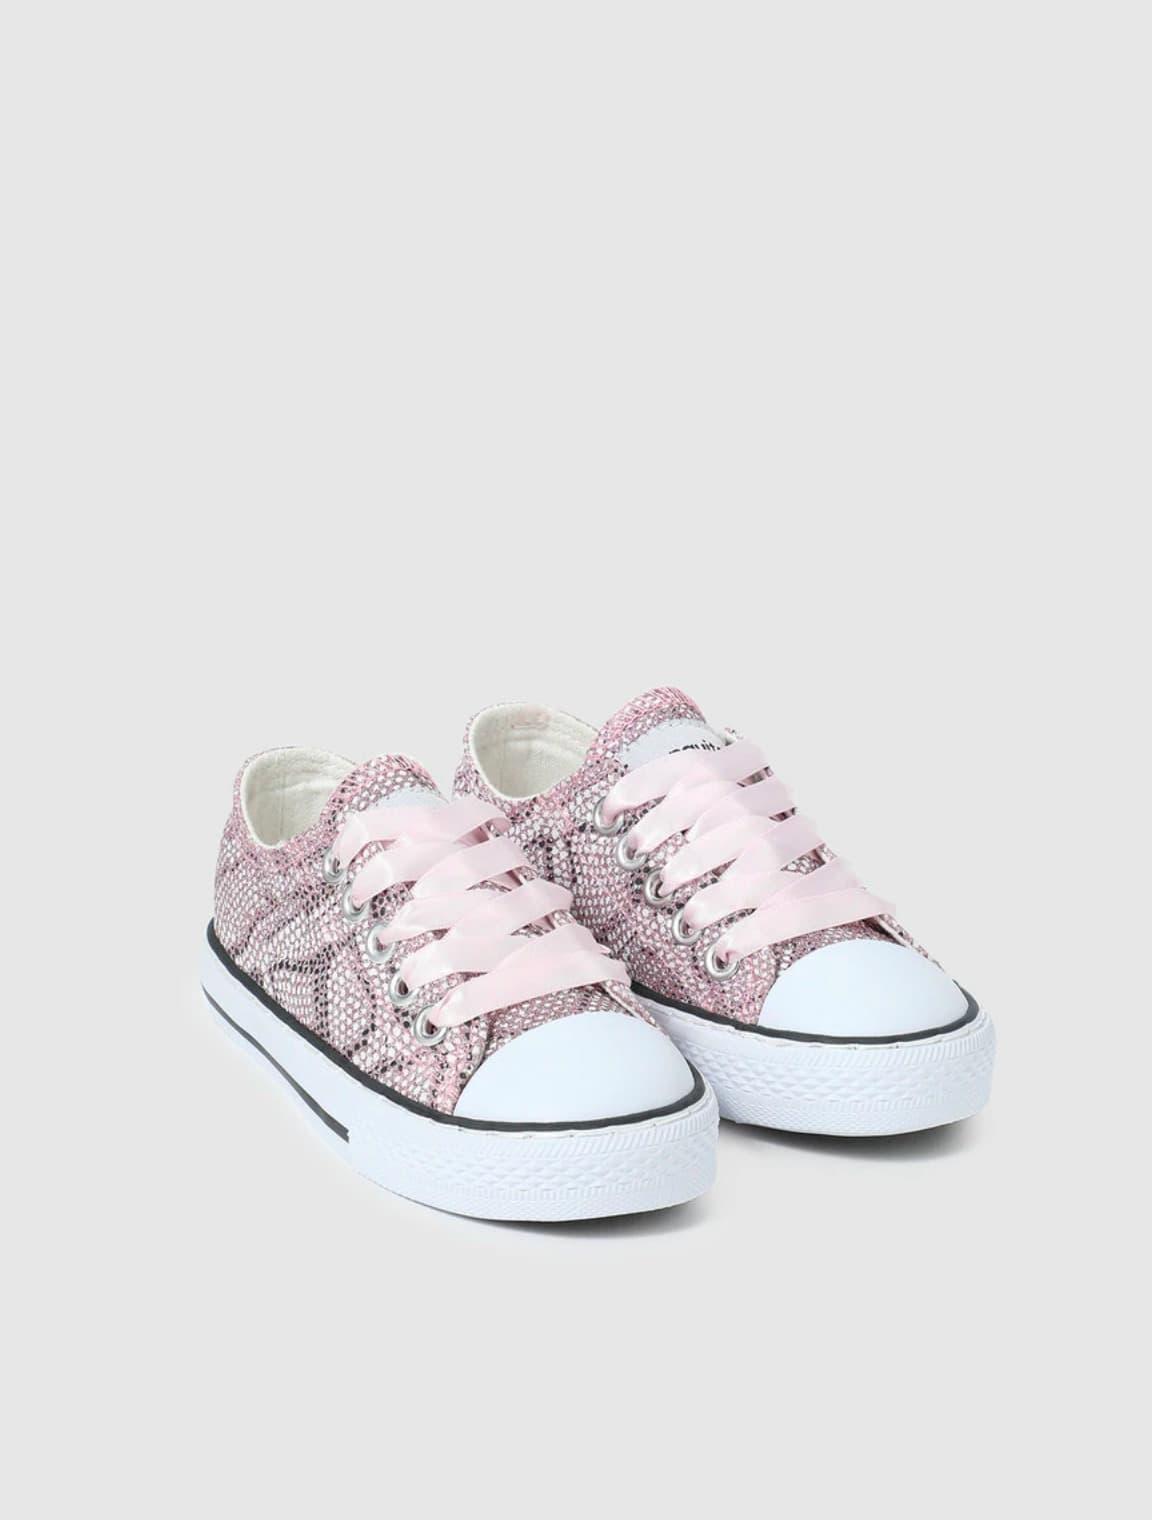 Zapatillas de lona de niña Conguitos en color rosa con estampado animal